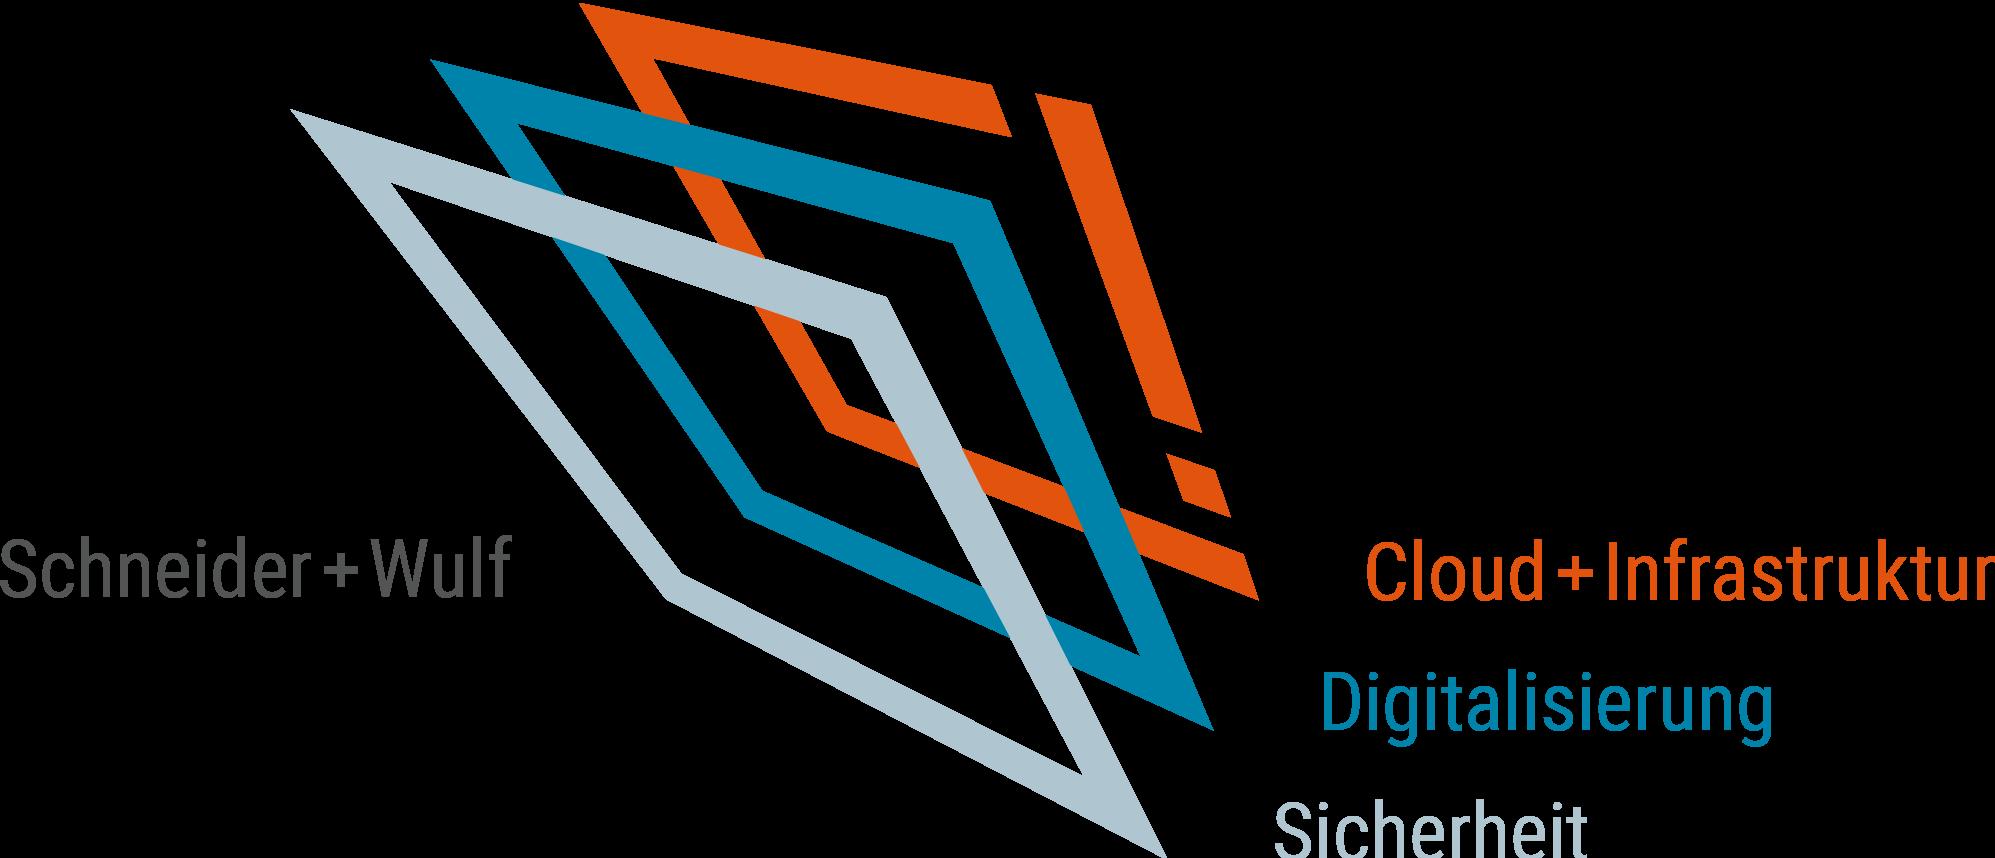 Logo Schneider und Wulf